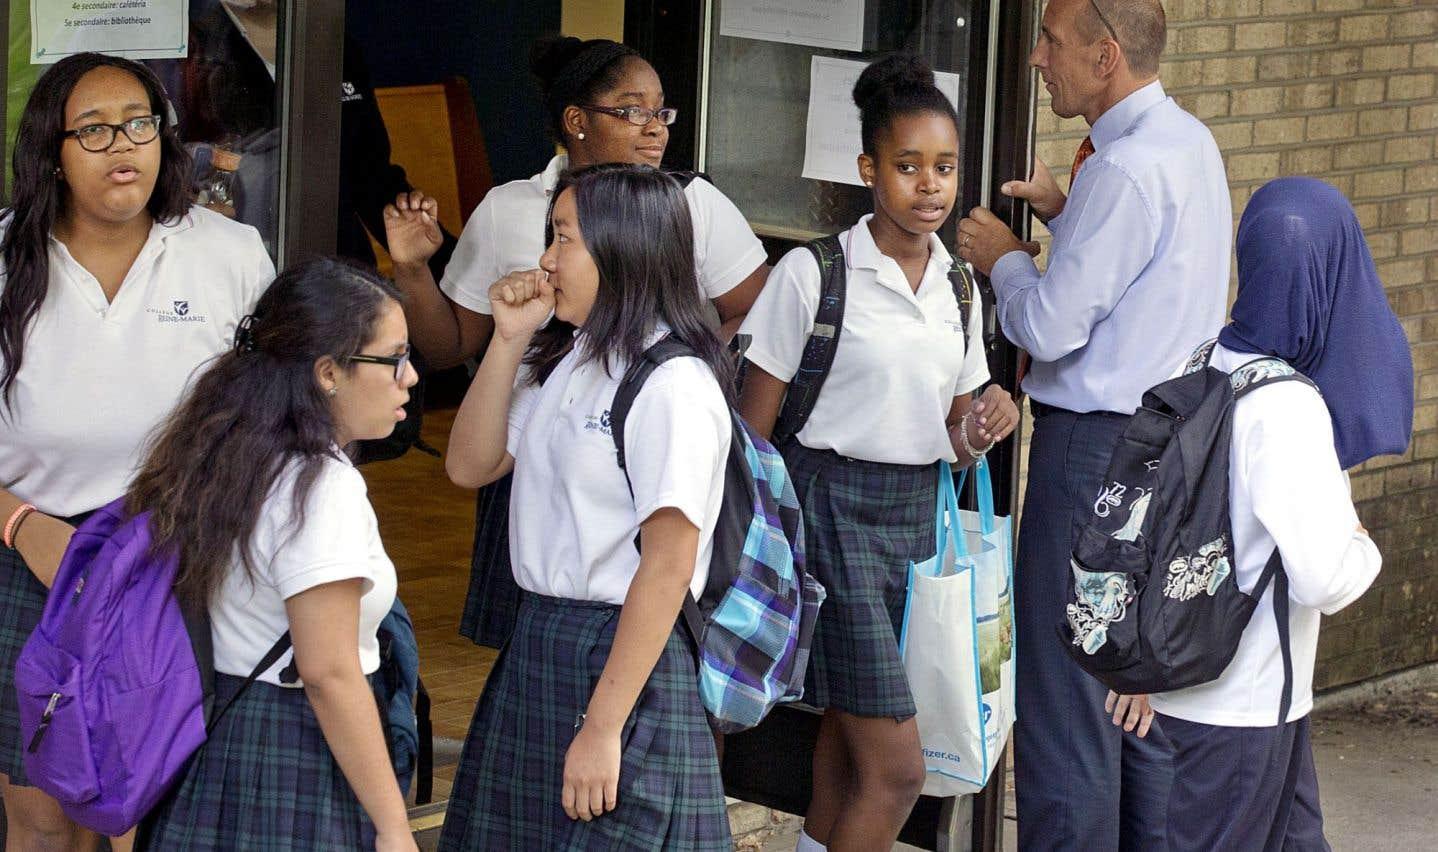 En 2014, il y avait près de 22% des élèves francophones qui fréquentaient une école secondaire privée, selon le ministère. Et, entre1998 et2010, le nombre de projets pédagogiques particuliers a doublé.